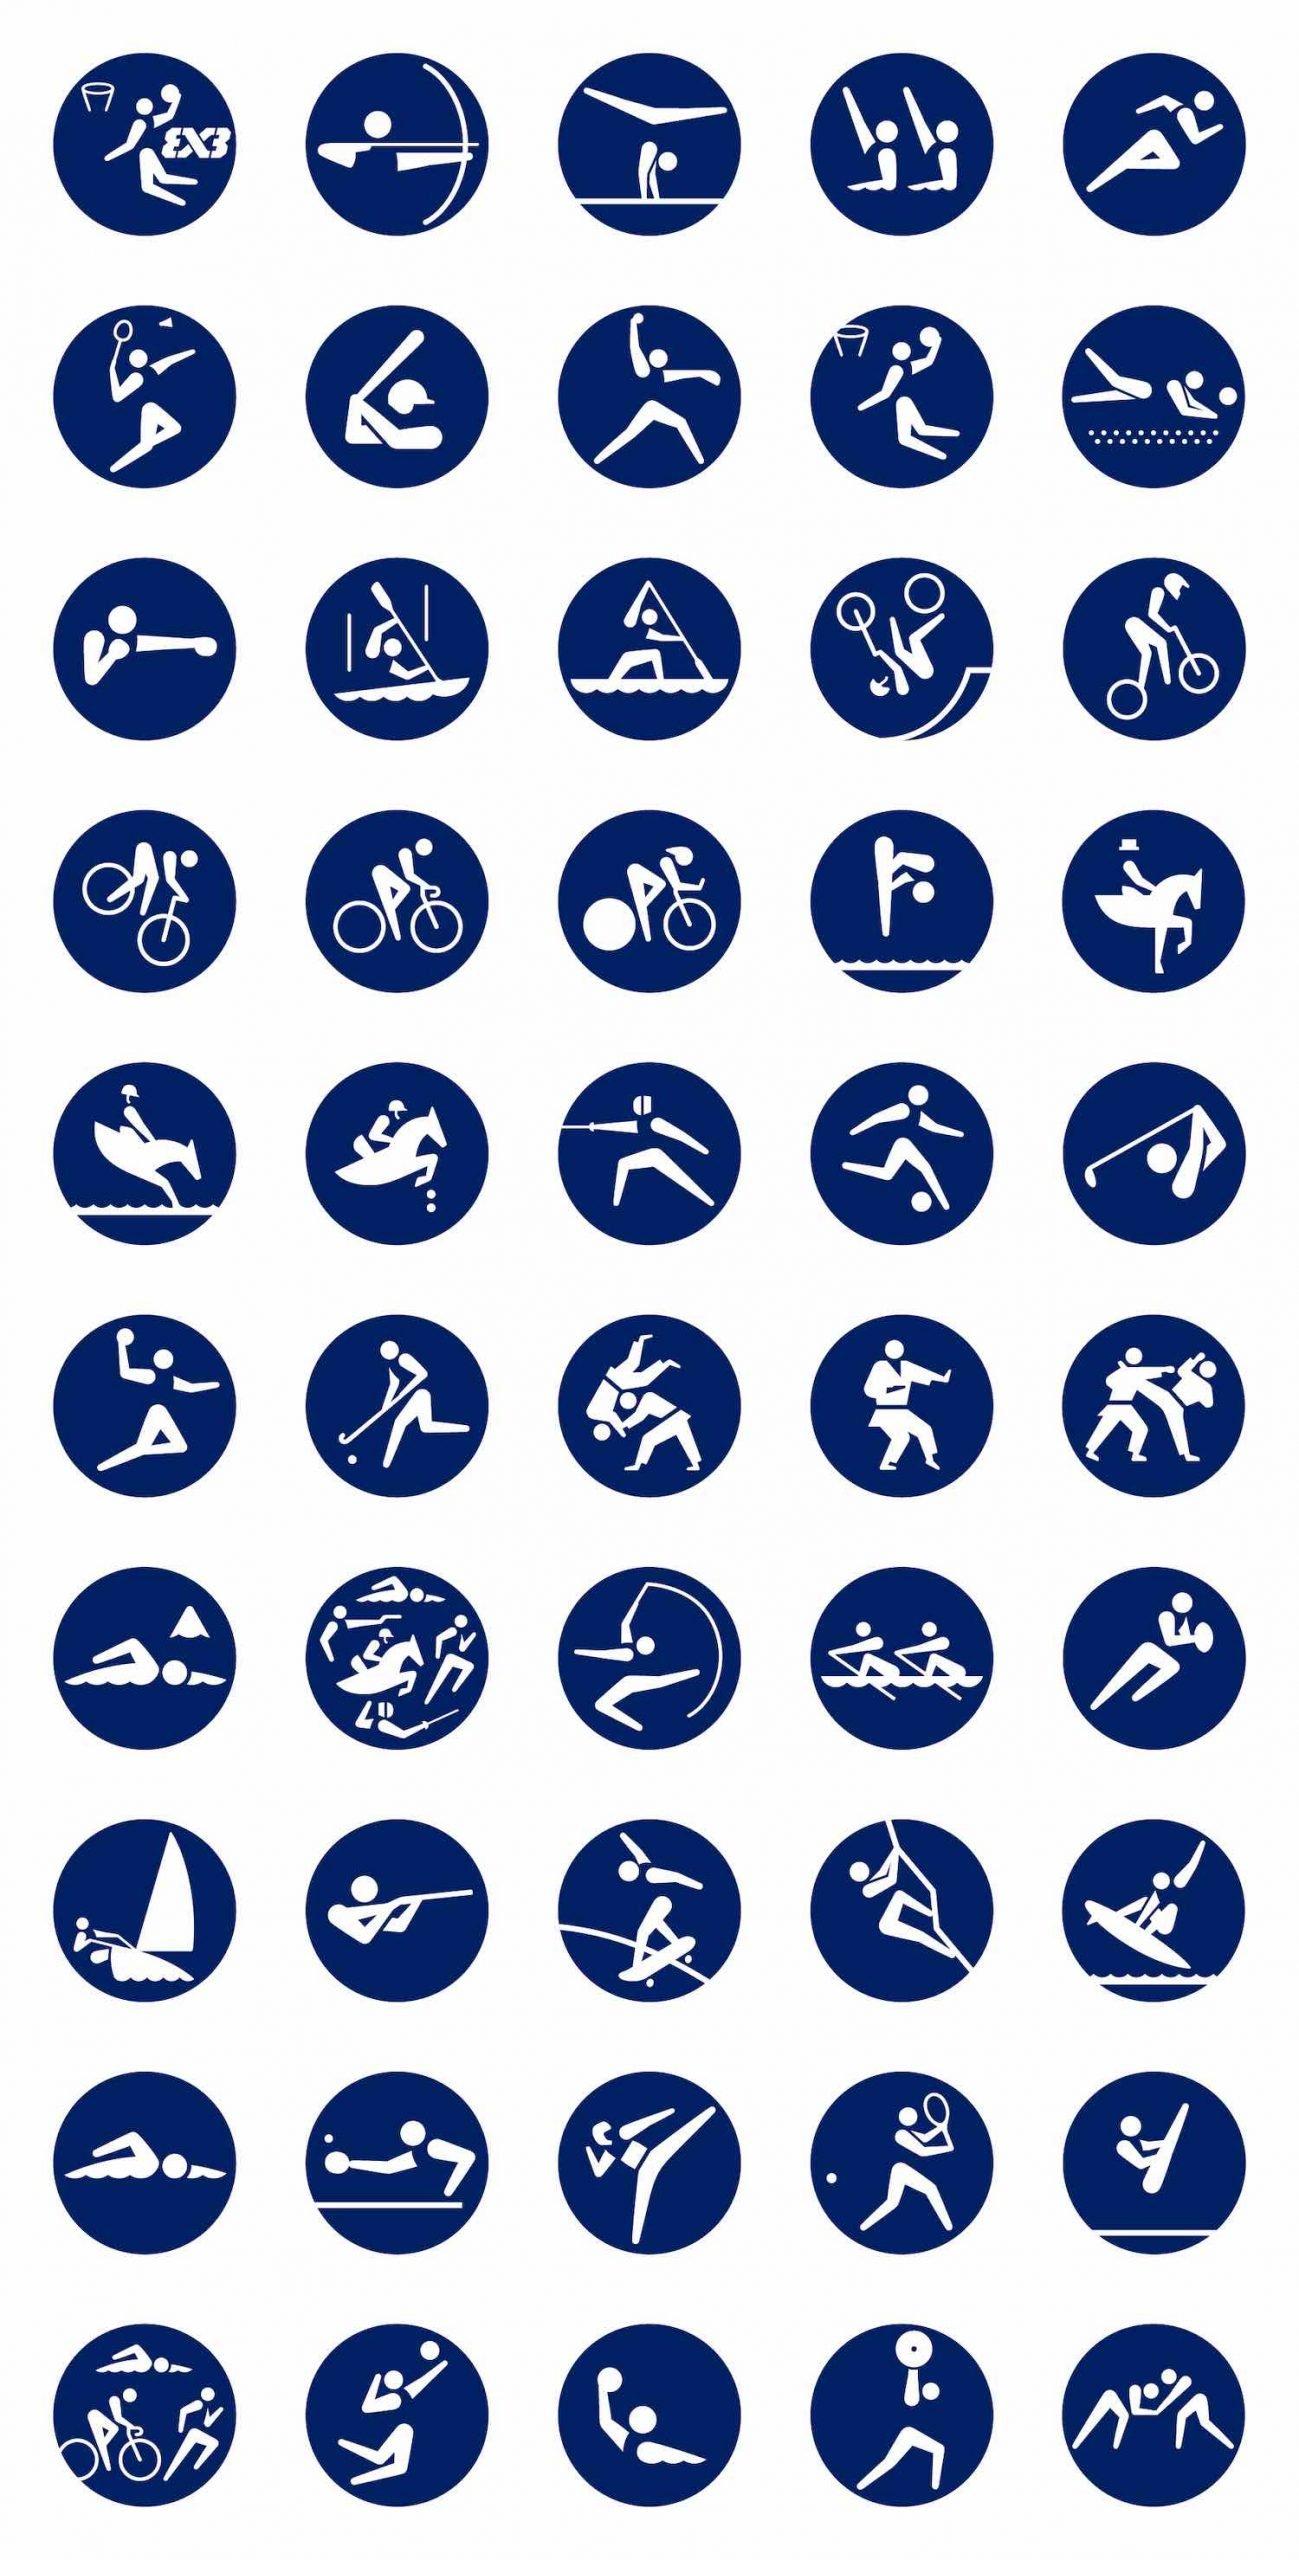 Tokyo 2020 Olympics' design. Pictograms by Masasa Katzumie and Yoshiro Yamashita - All photos: courtesy of Tokyo 2020 Olympics